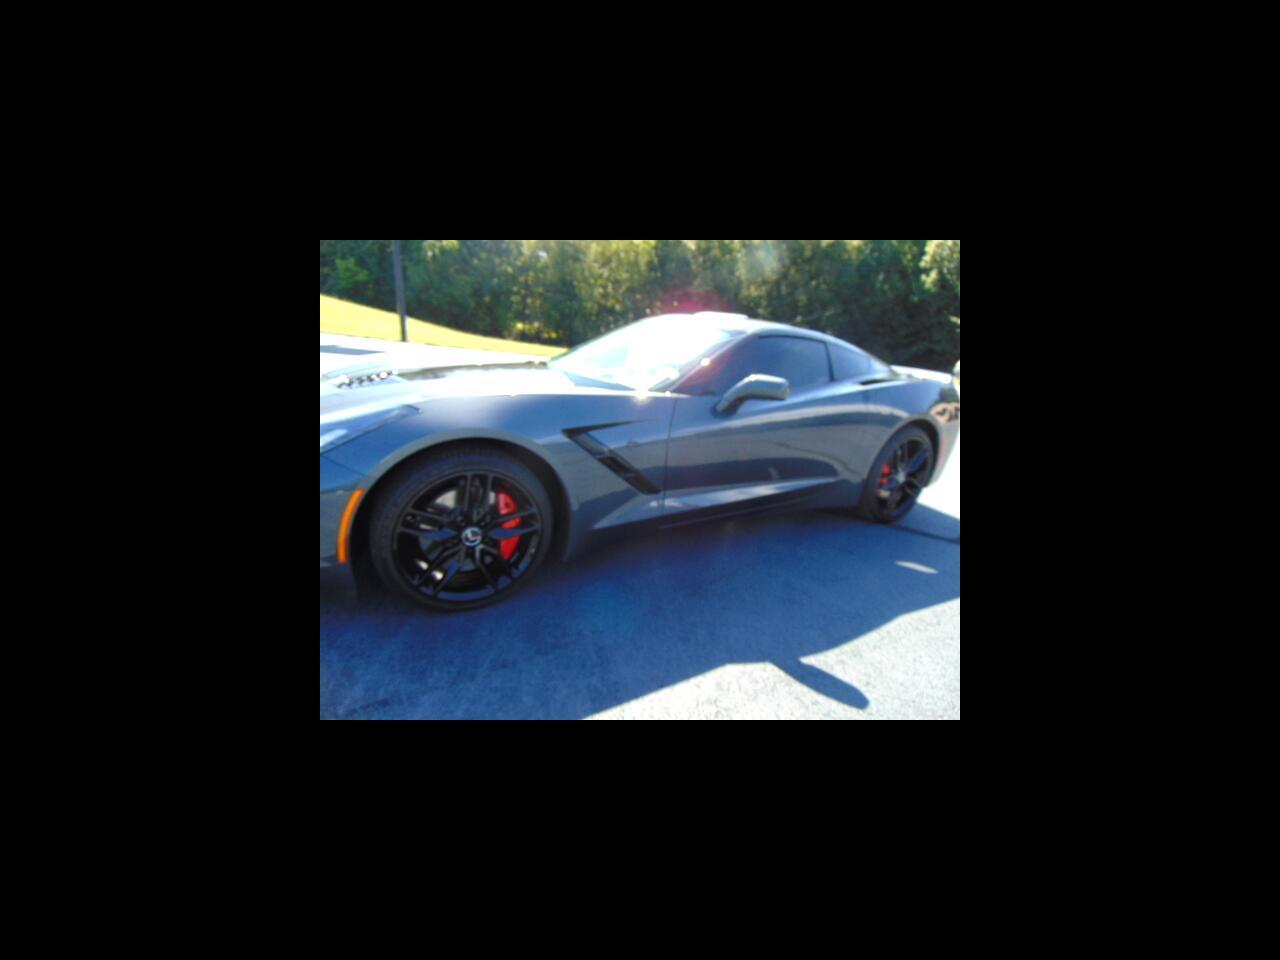 Chevrolet Corvette Stingray Z51 3LT Coupe Automatic 2014